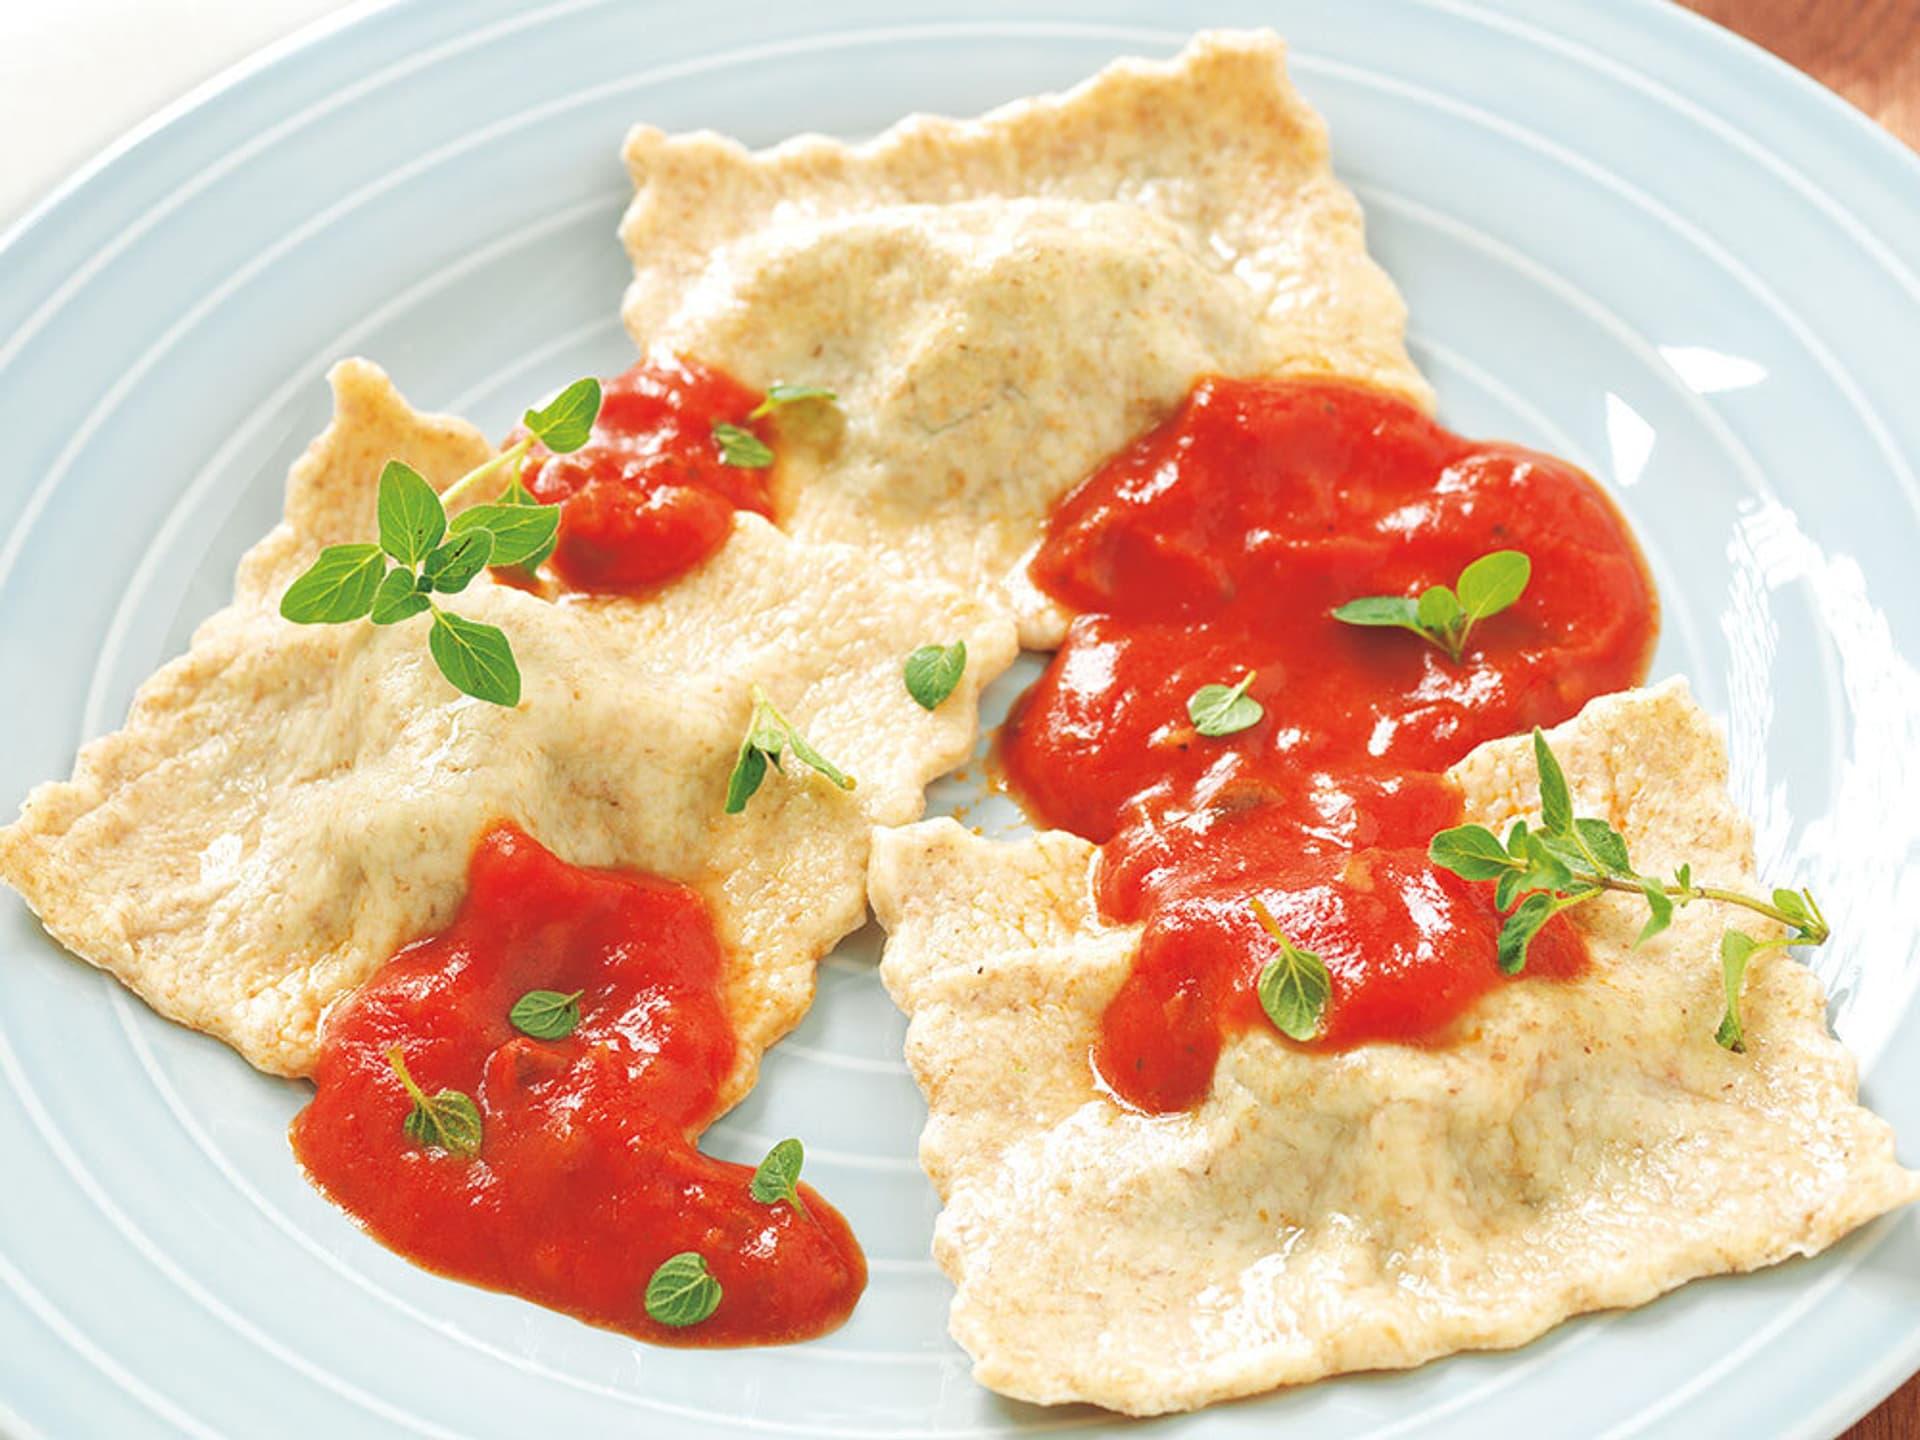 Schwaebische spinat maultaschen in tomatensauce